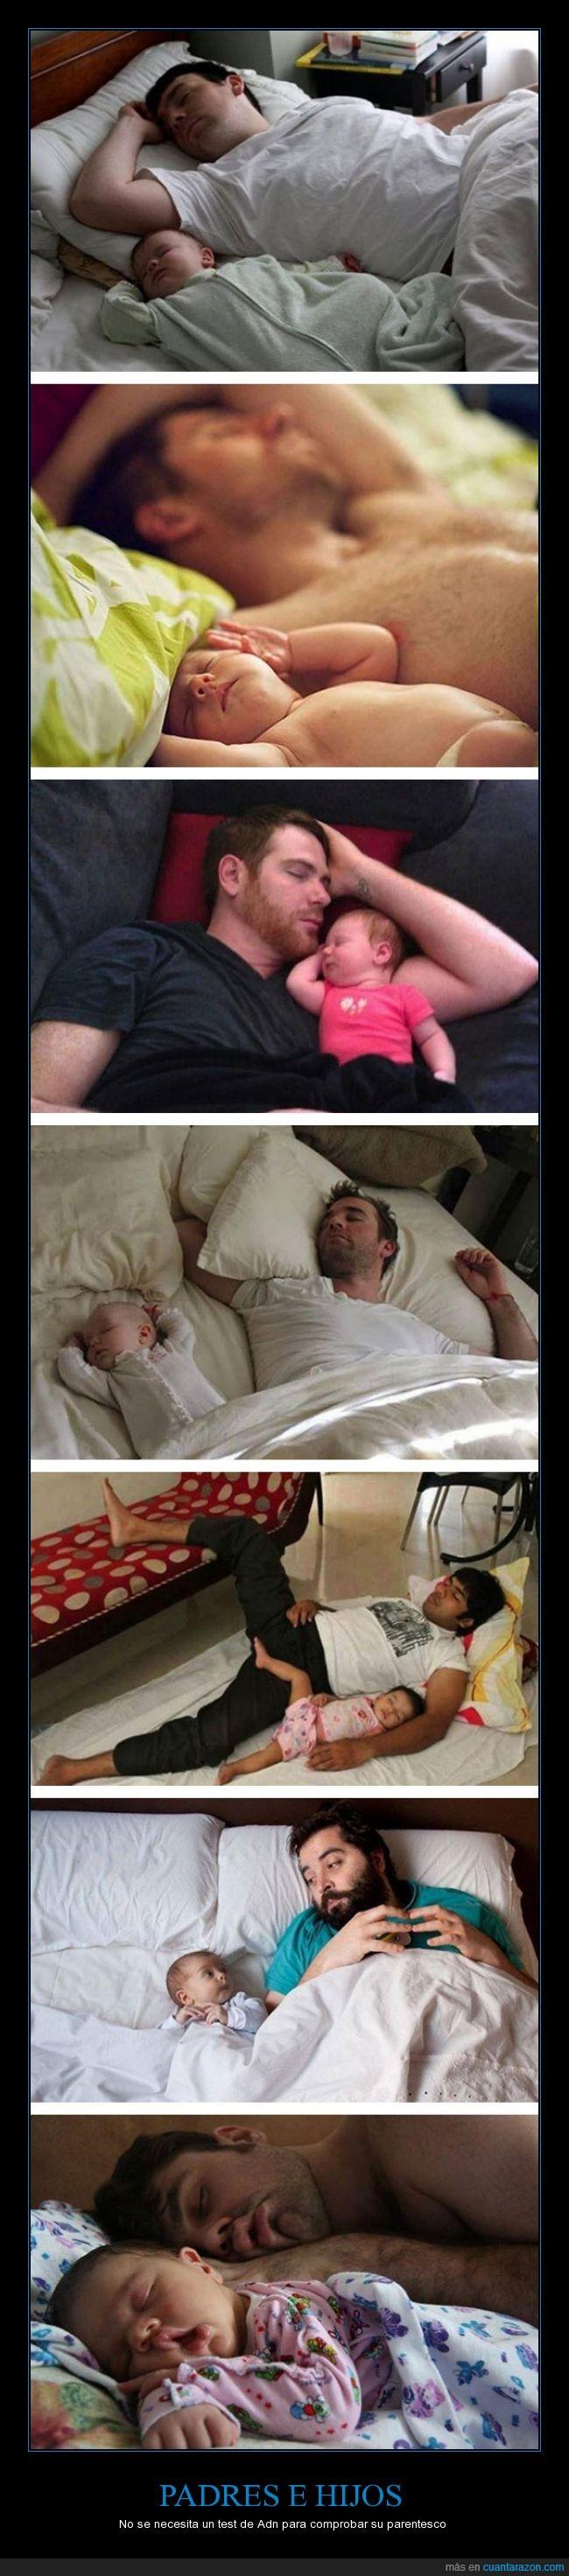 cama,dormir,genial,hijos,iguales,padre,posicion